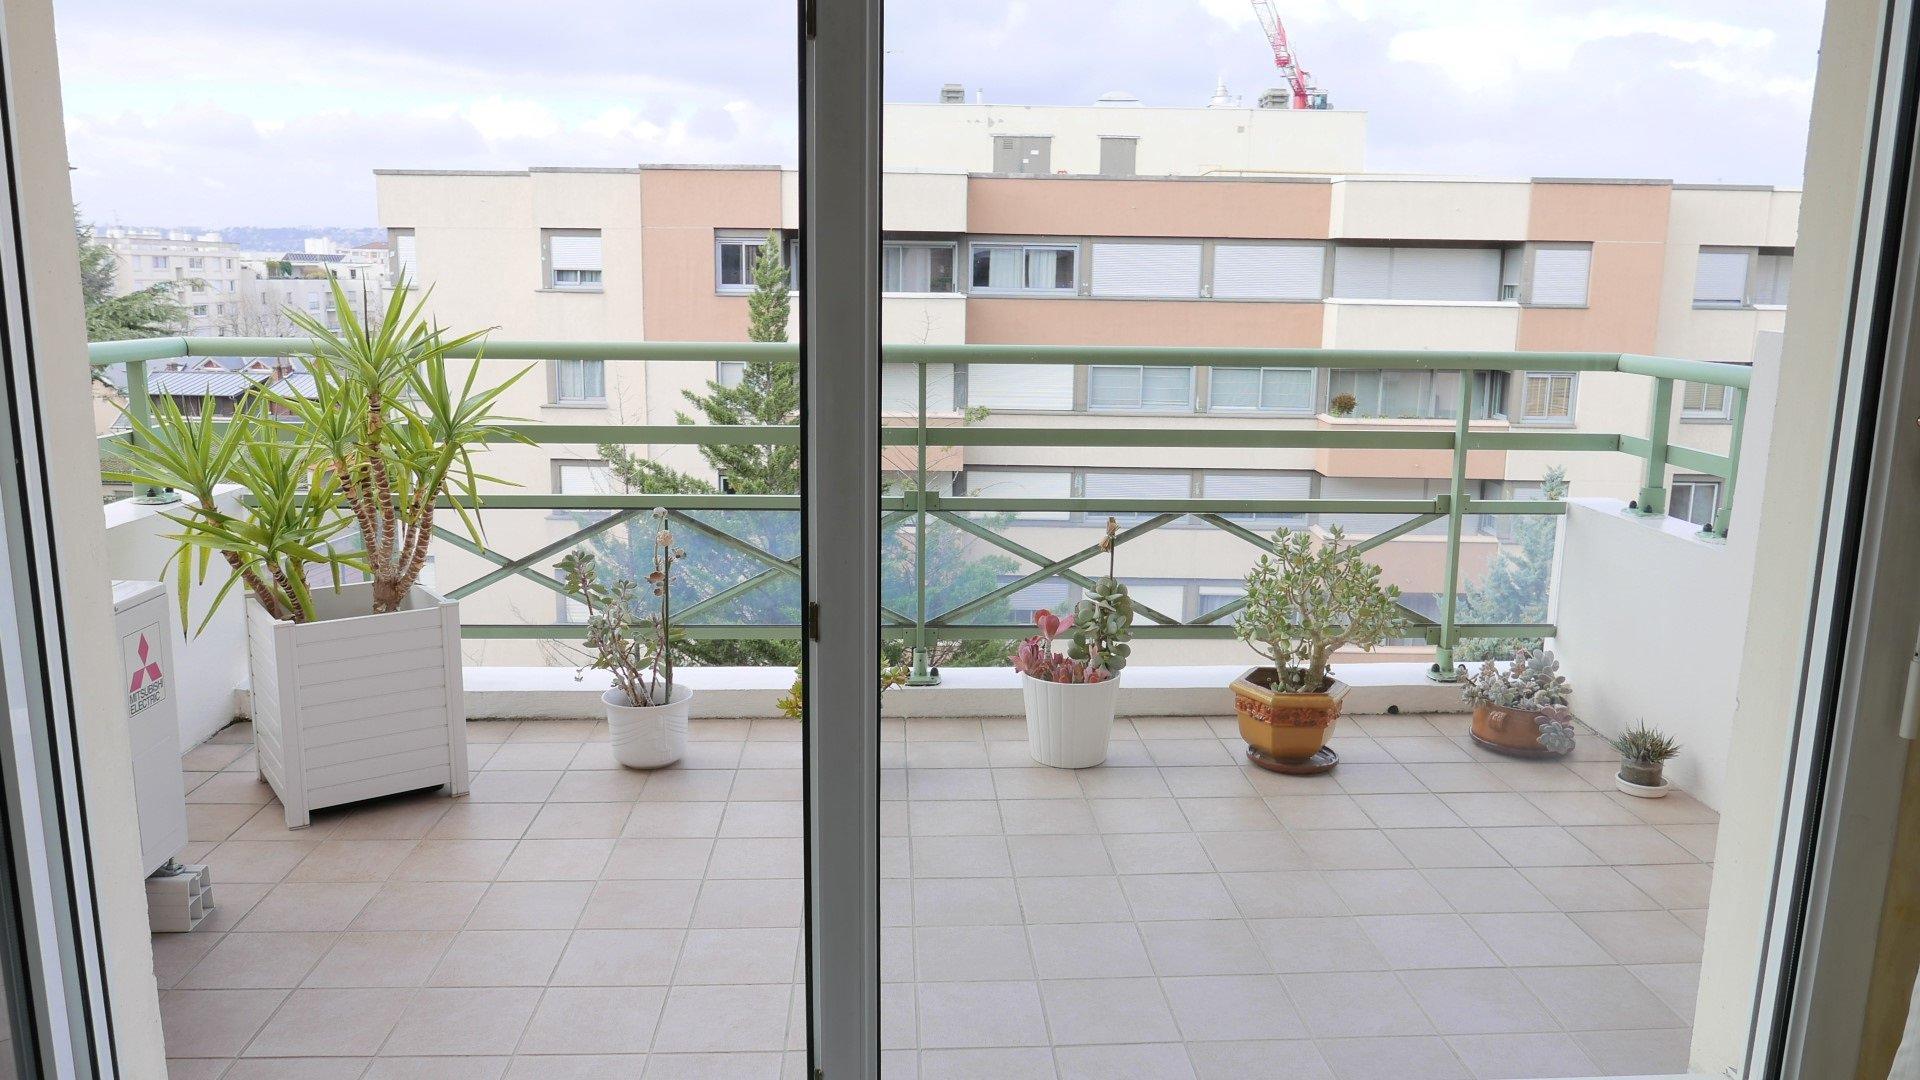 Achat Appartement Surface de 75.2 m²/ Total carrez : 66.4 m², 3 pièces, Lyon 3ème (69003)